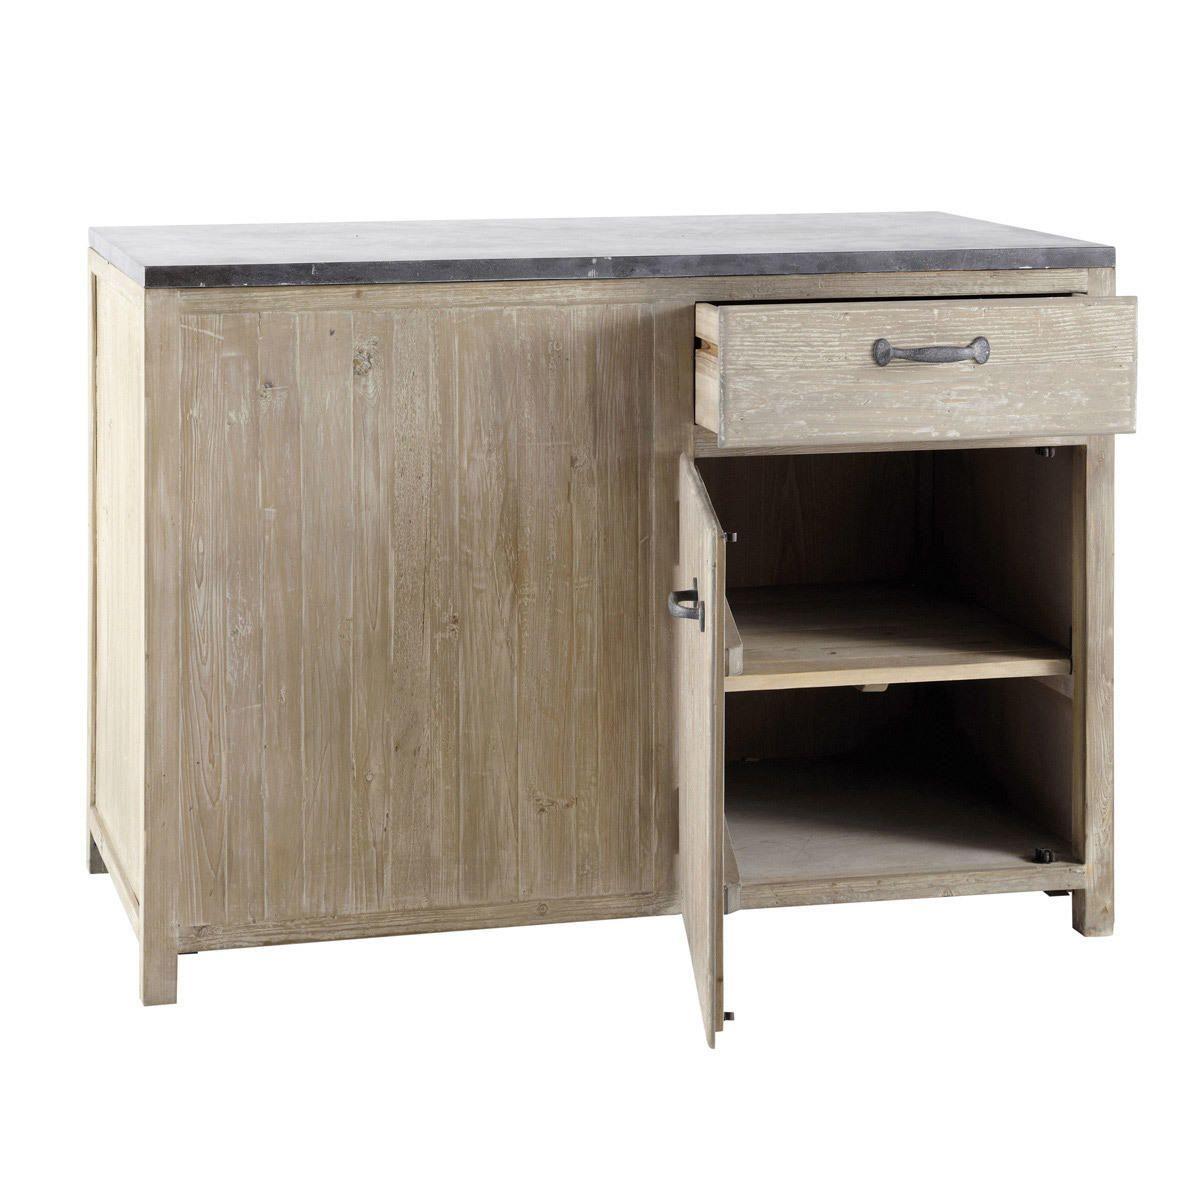 Meuble Bas De Cuisine En Bois Recycle L 120 Cm Copenhague Kitchen Base Units Kitchen Sink Units Pine Kitchen